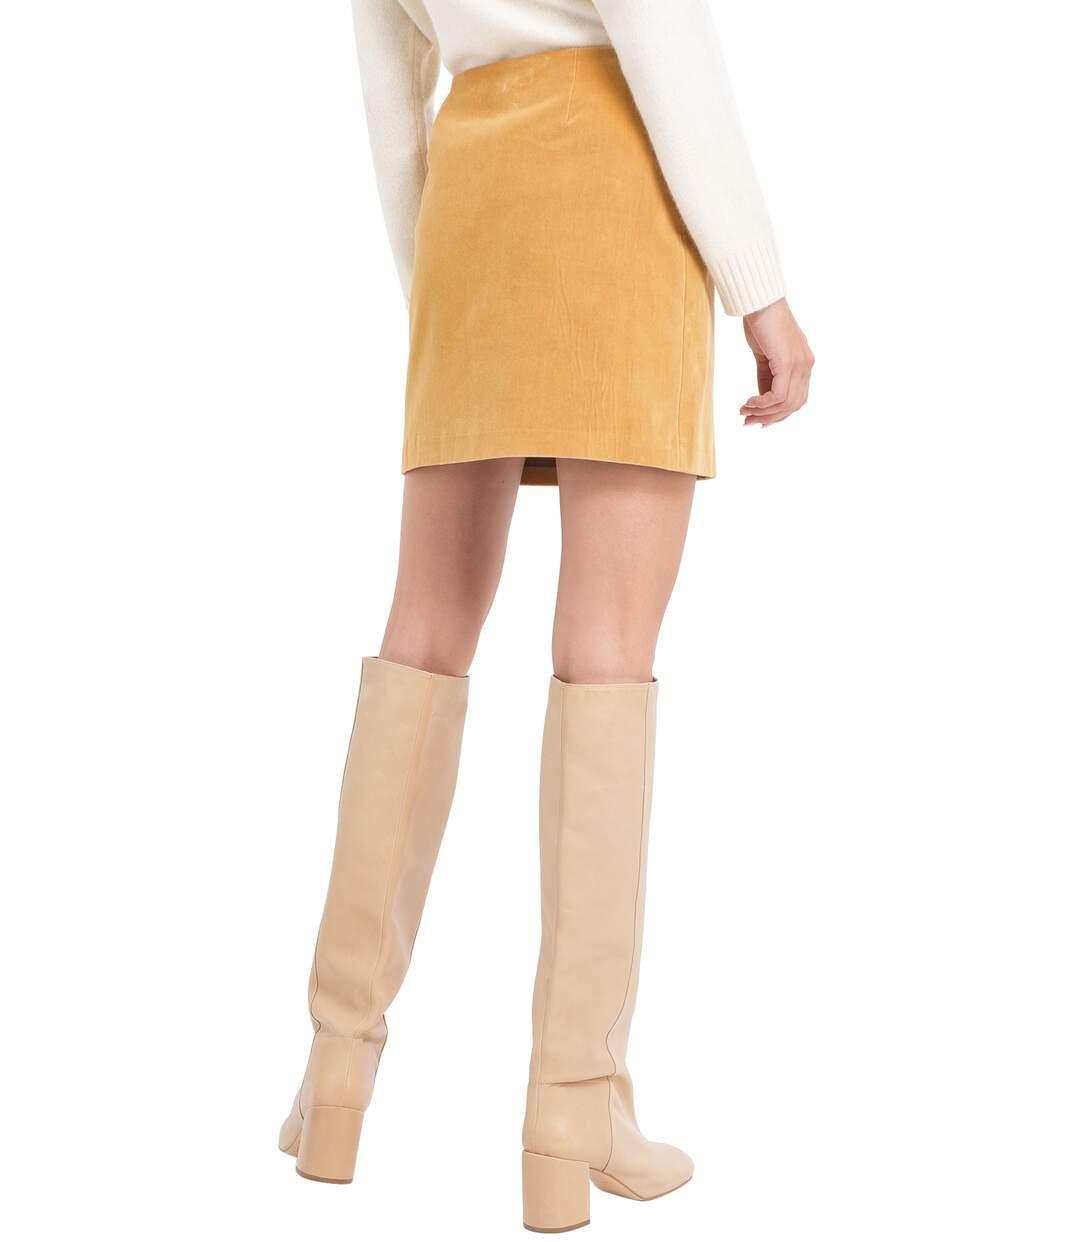 Dégagement Chemins Blancs Mini-jupe en velours  Femme dsf.d455nksdKLFHG